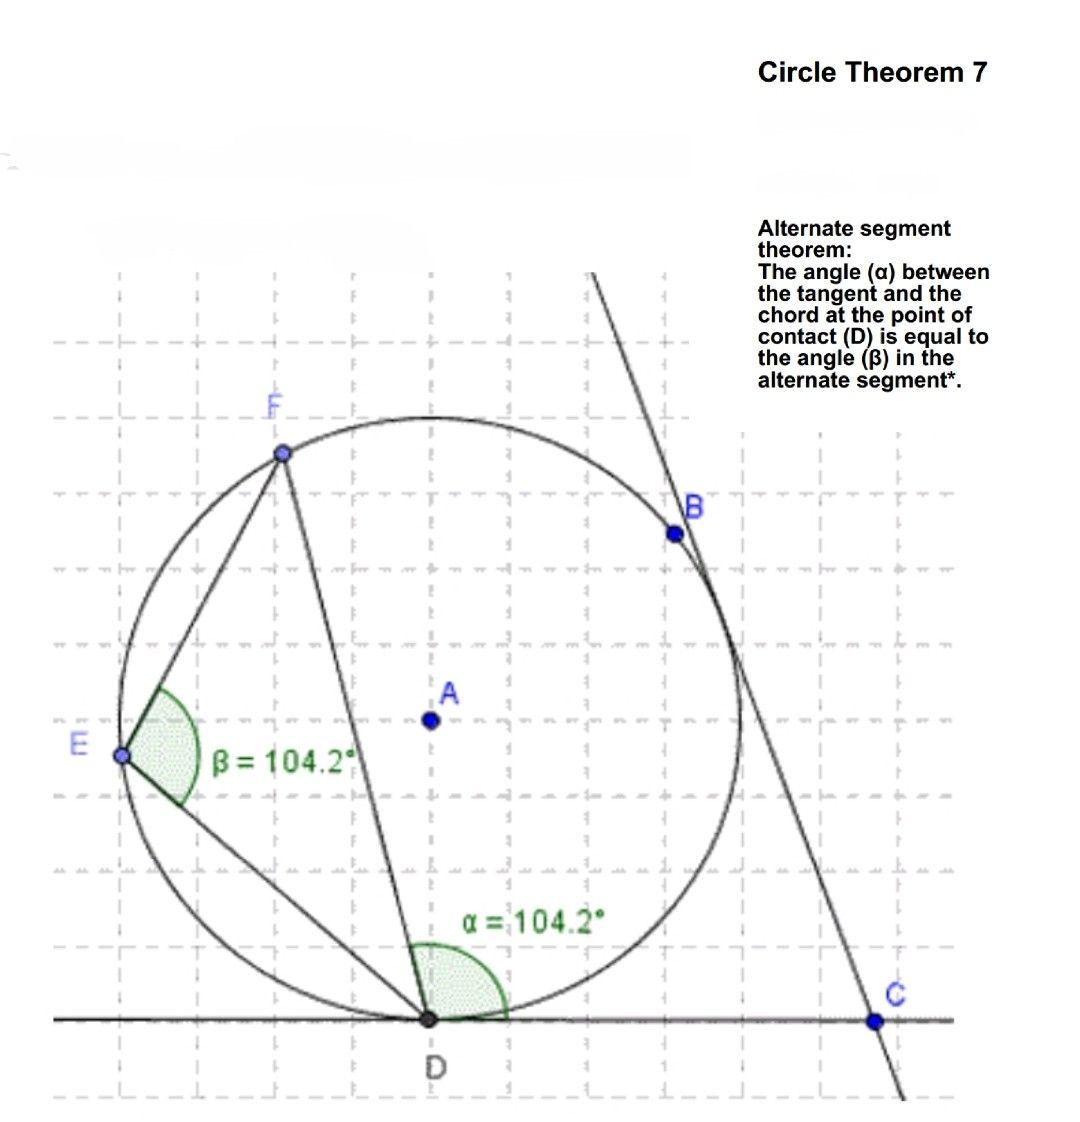 Circle Theorem 7